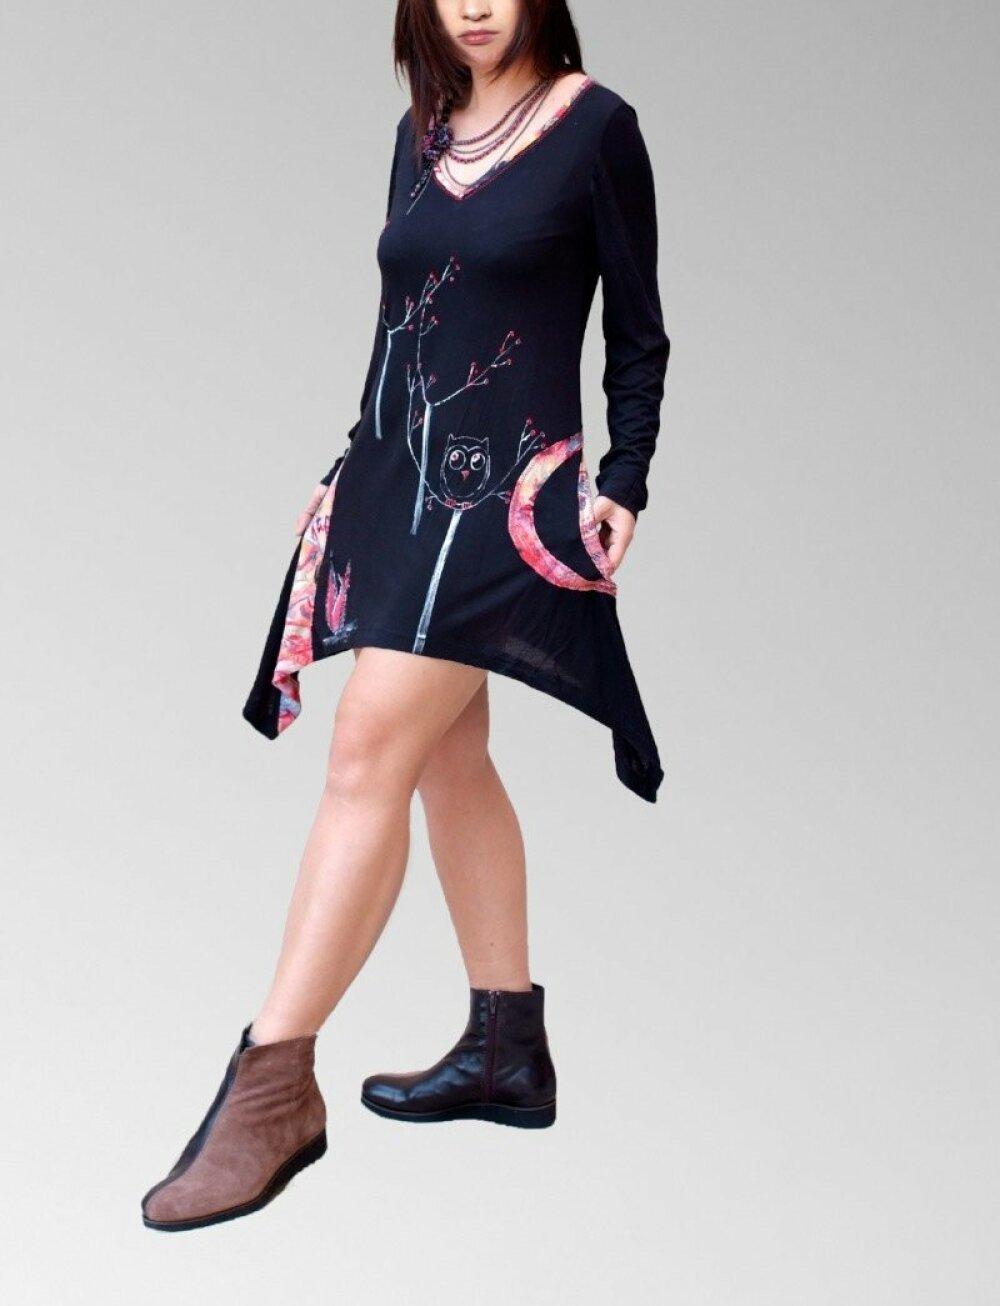 Robe tunique asymétrique forestier/peint à la main/ arbres hiboux loups / tuniques en jersey de coton/fait main avec amour